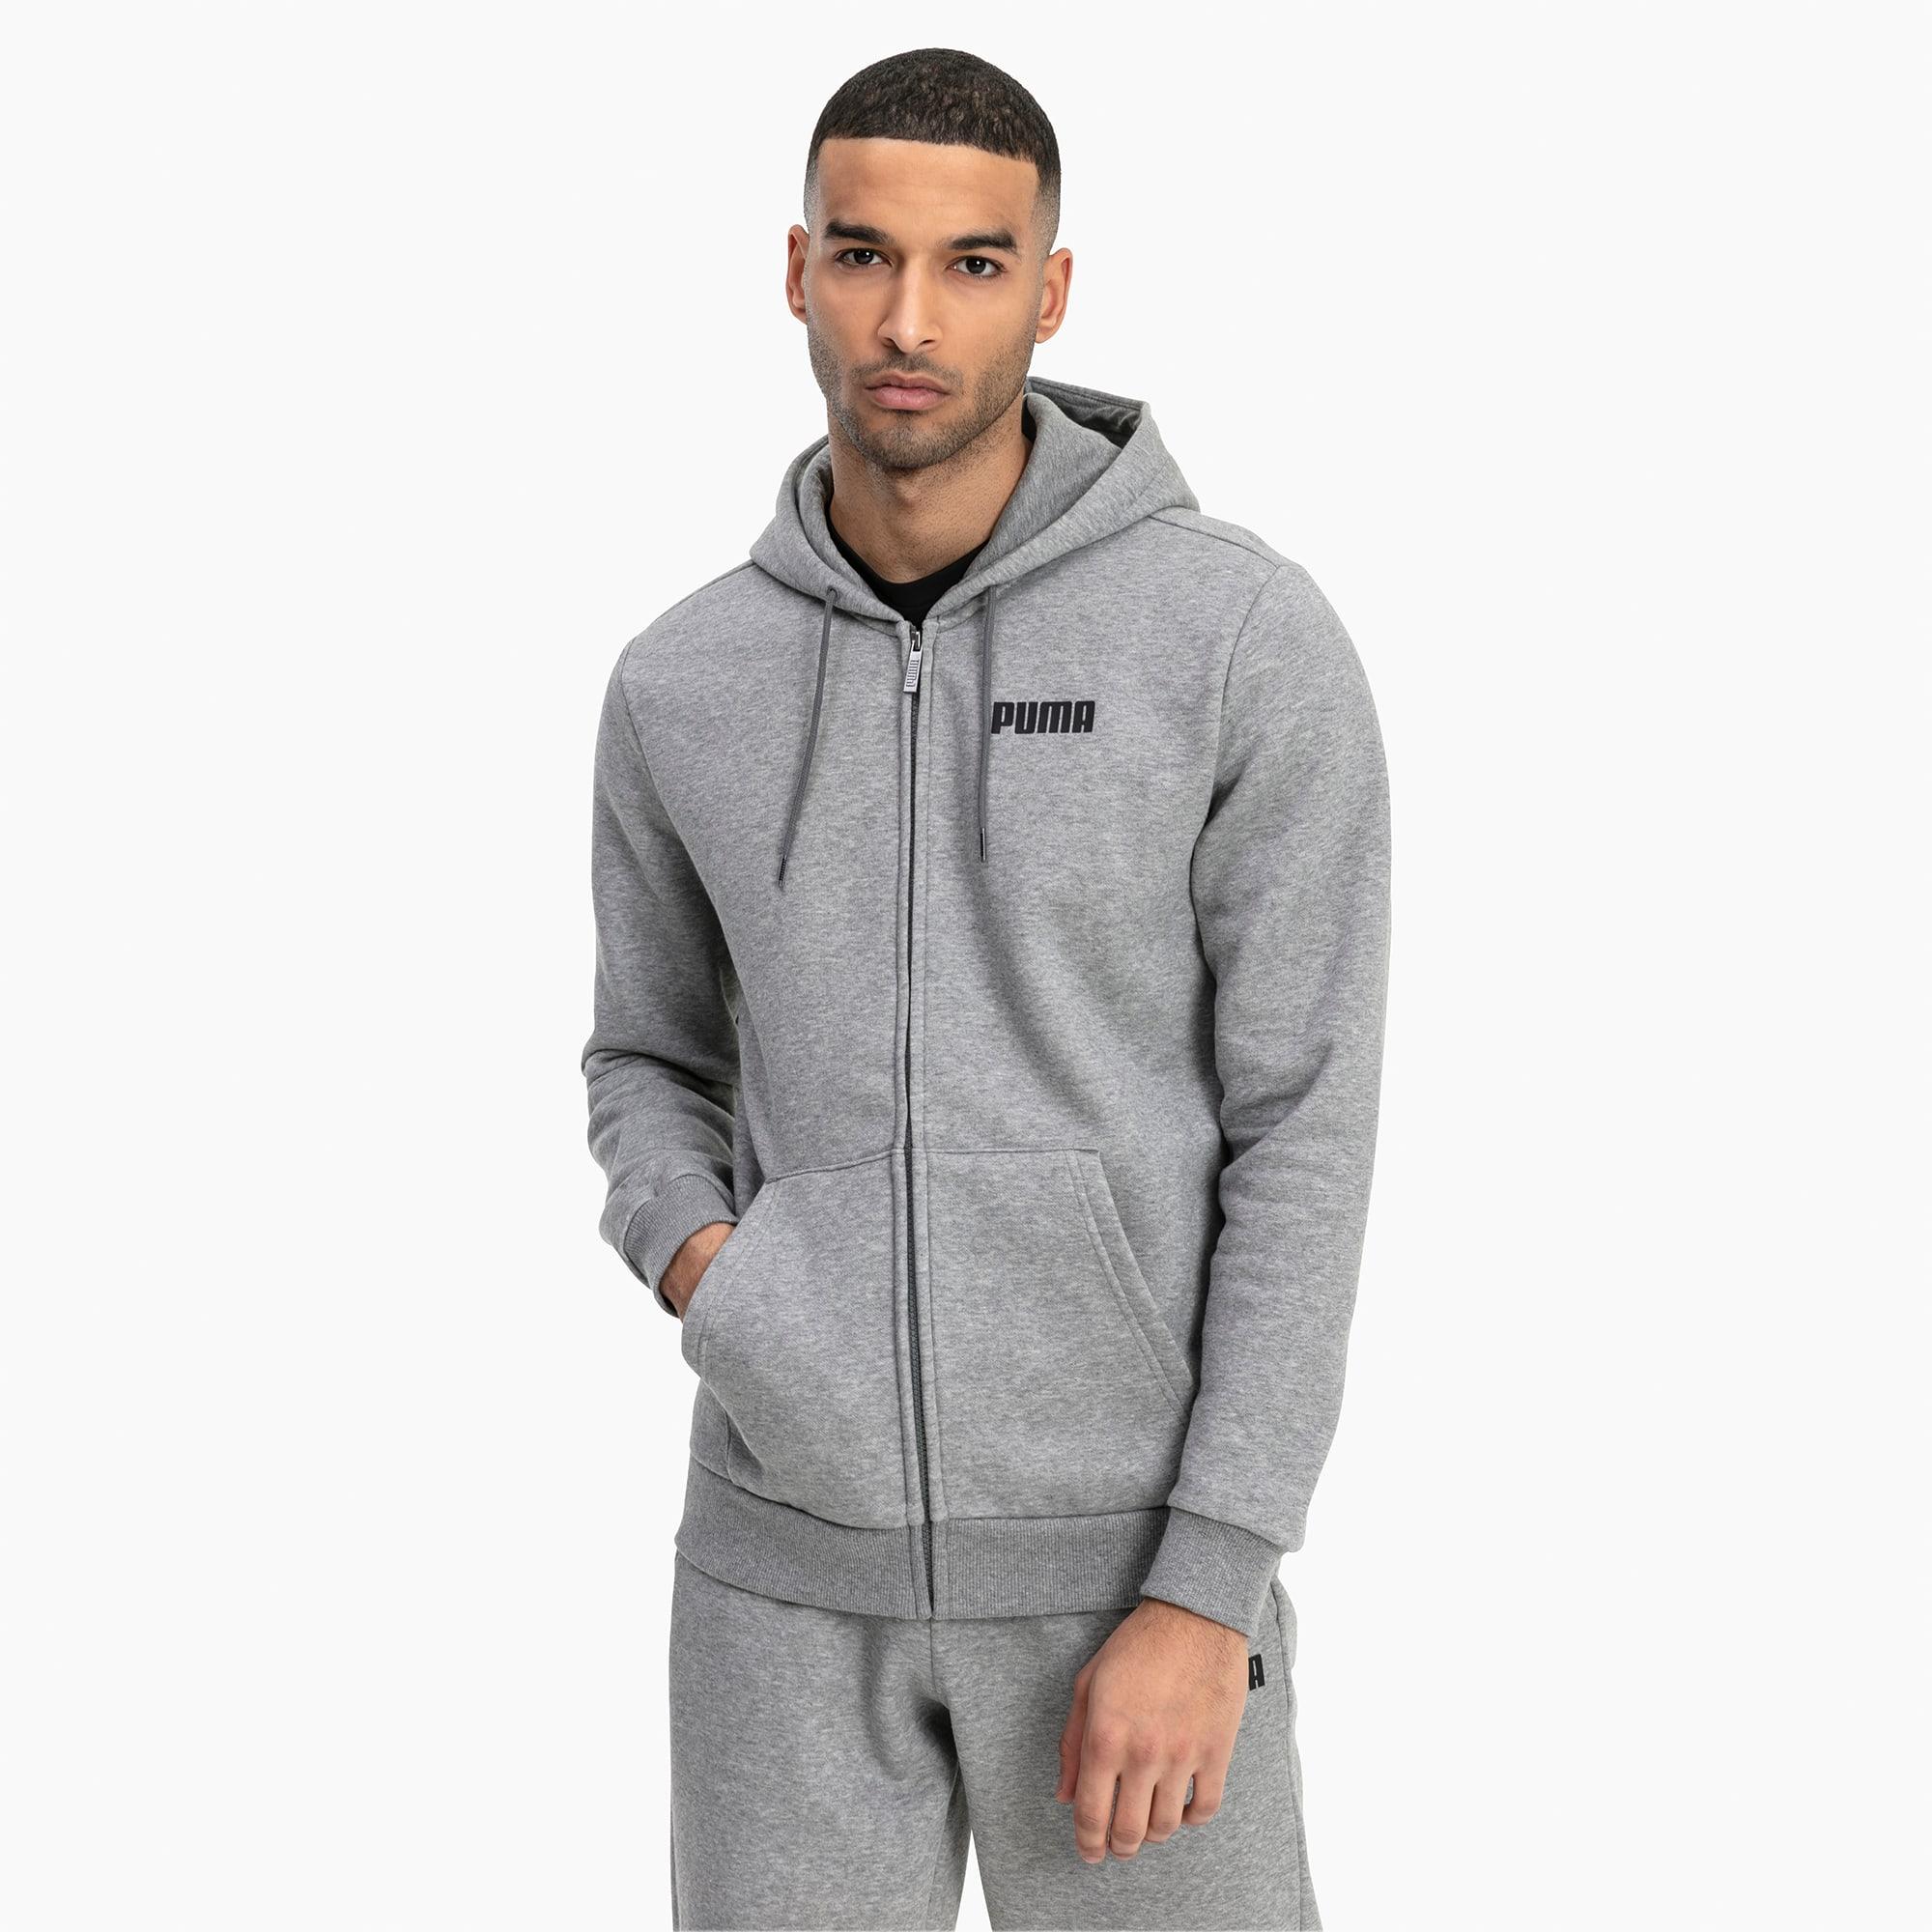 blouson en sweat essentials fleece à capuche, gris/bruyère, taille s, vêtements